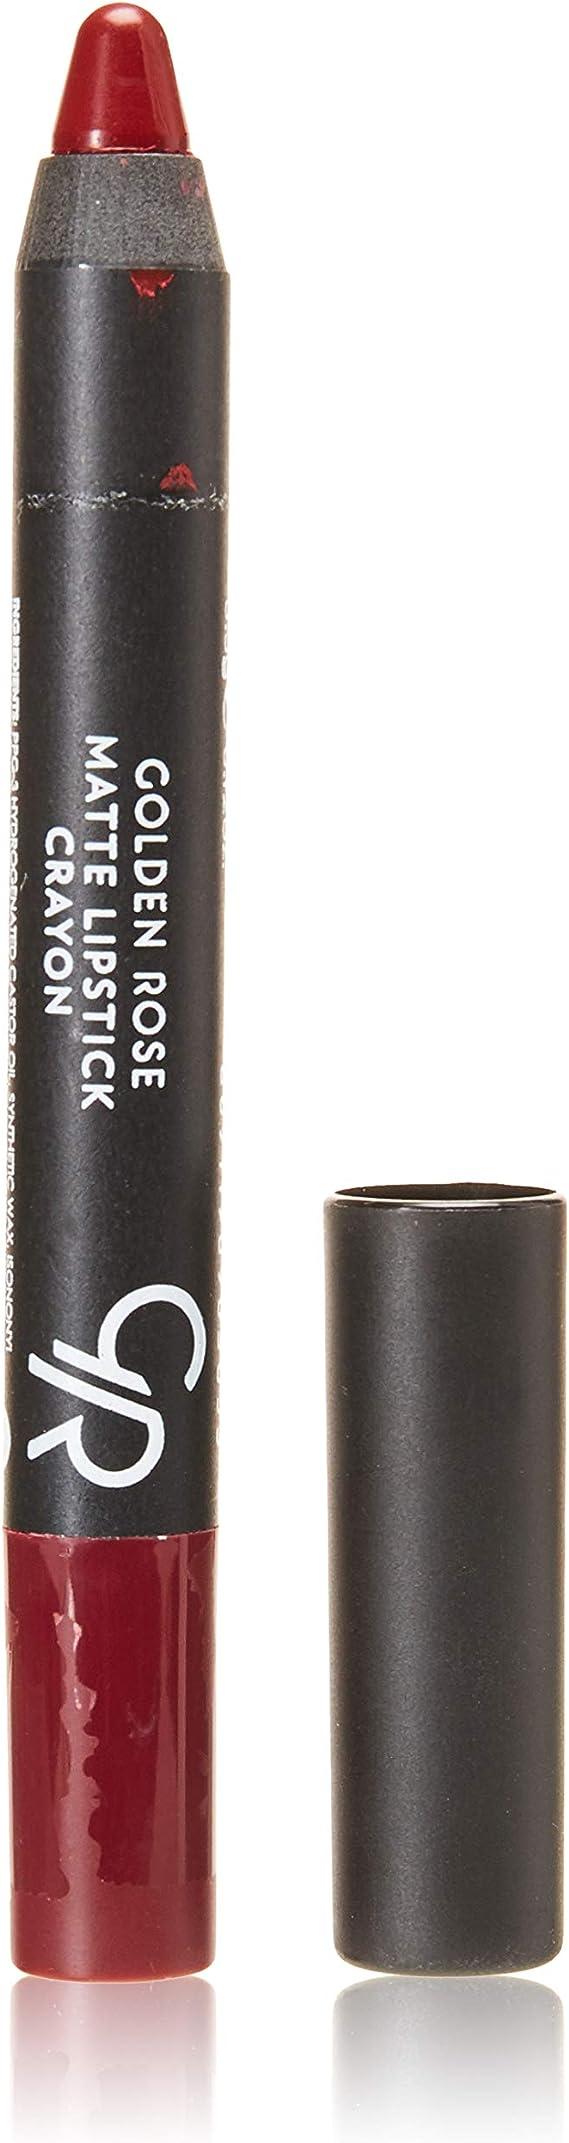 Golden Rose Matte Lipstick Crayon #05 Shiraz Red